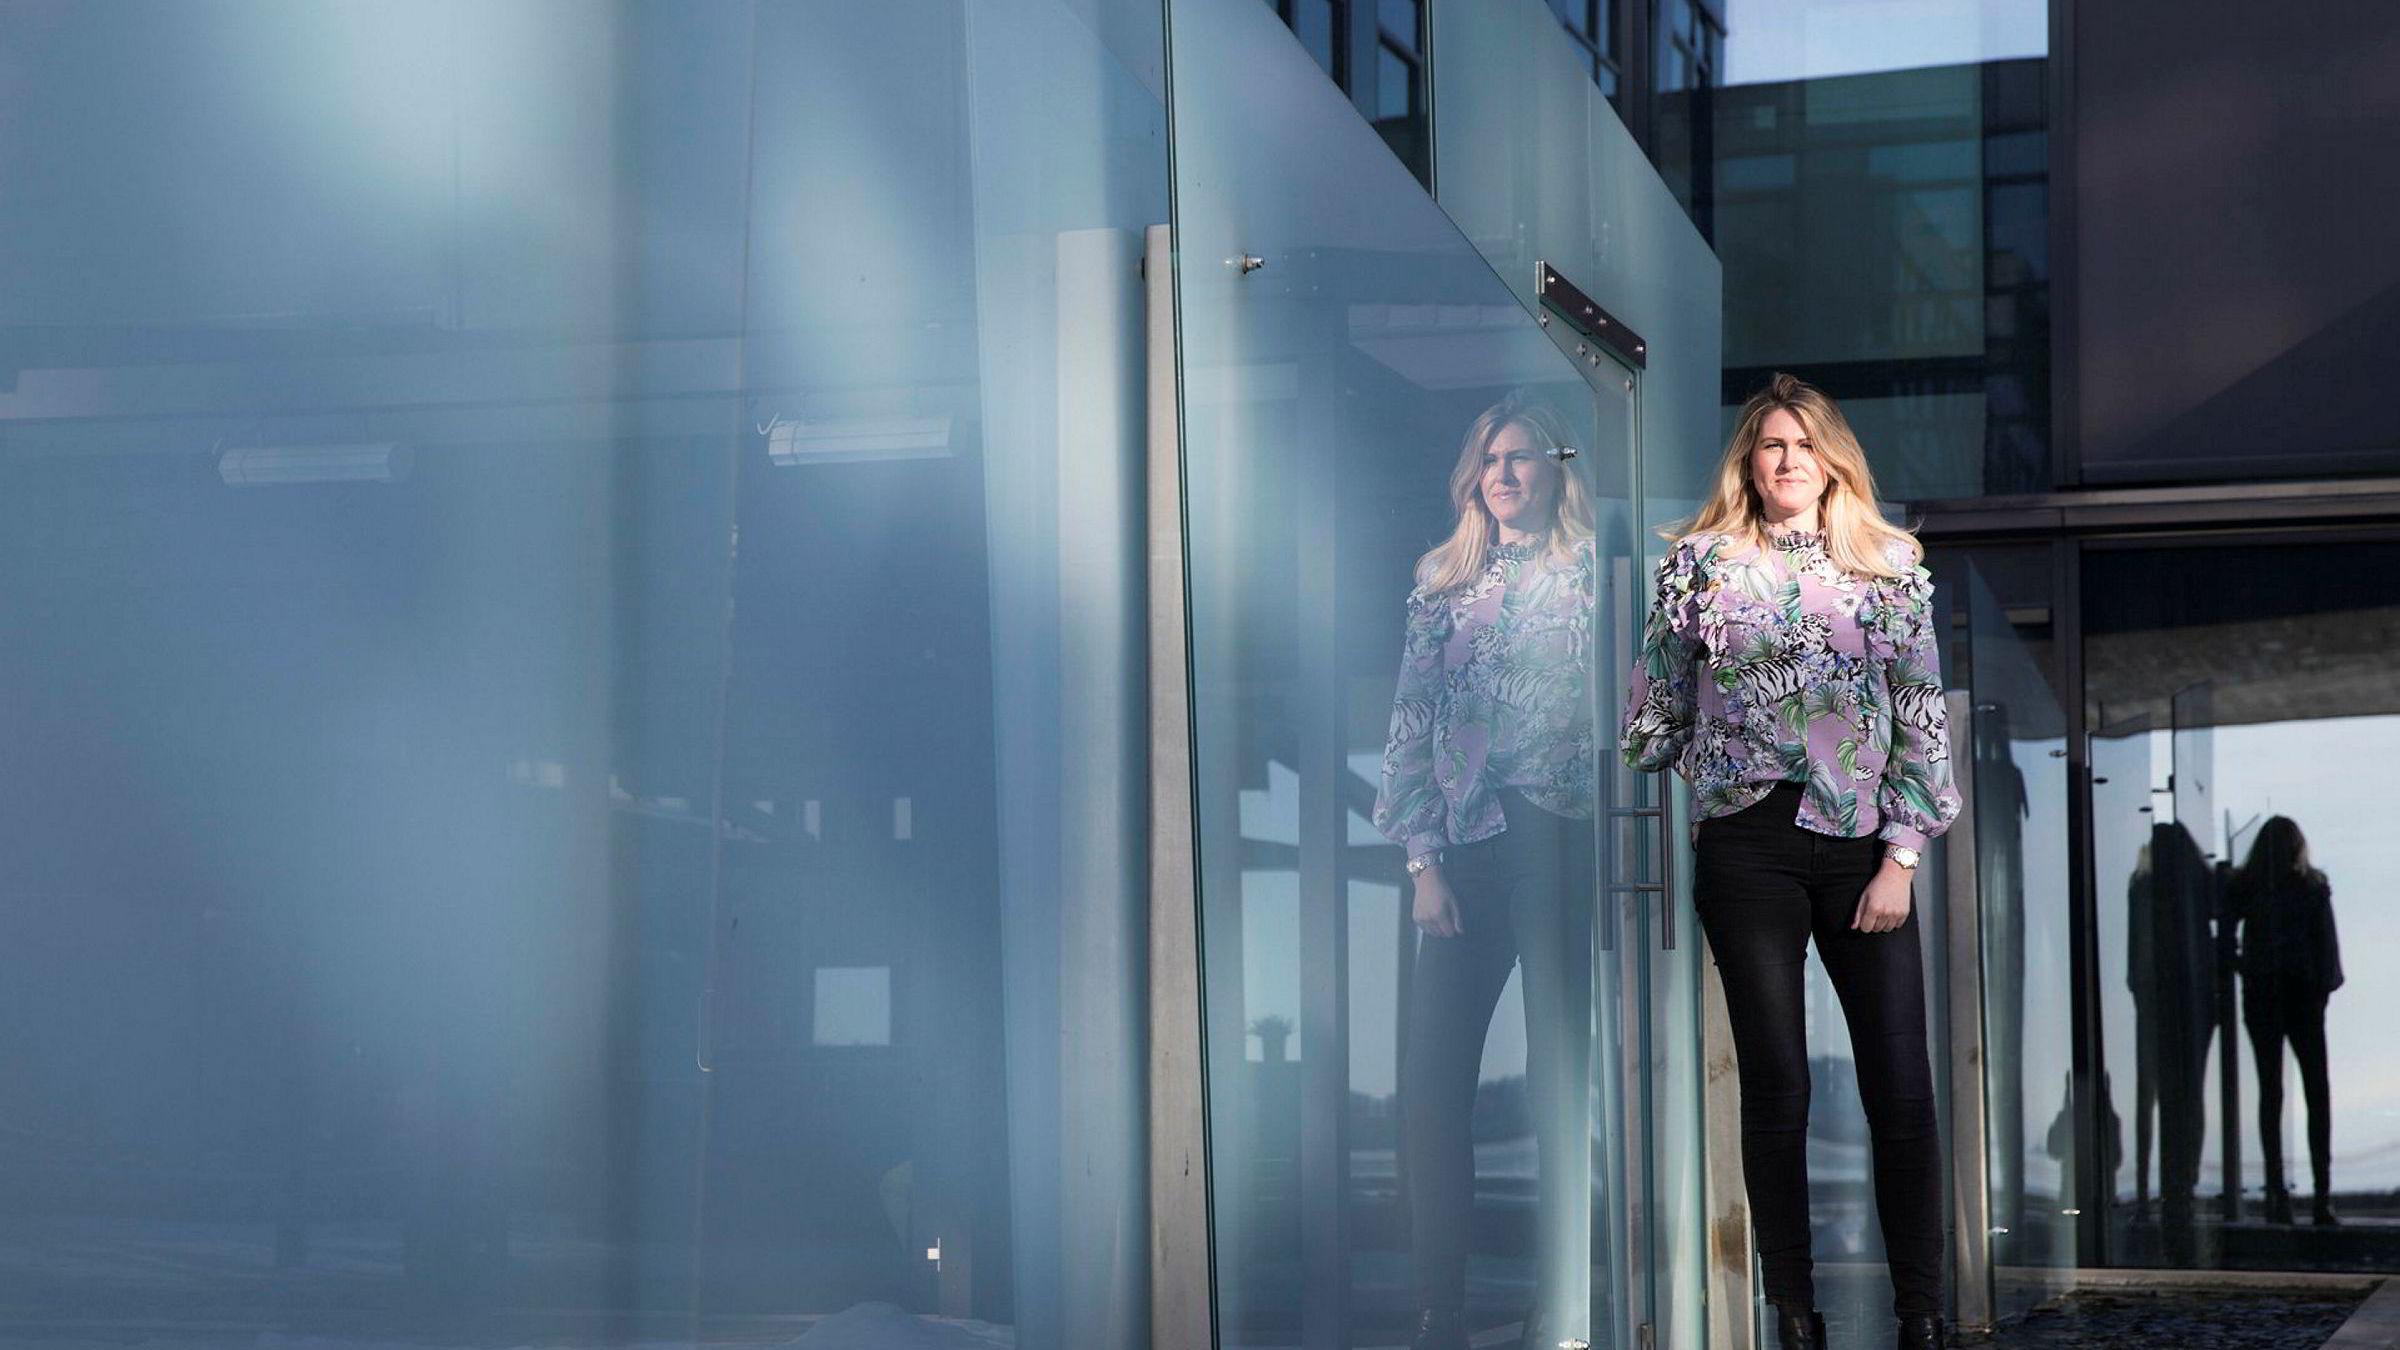 Kommersiell direktør Lene Iren Oen i Komplett har valgt å droppe mediebyråer.